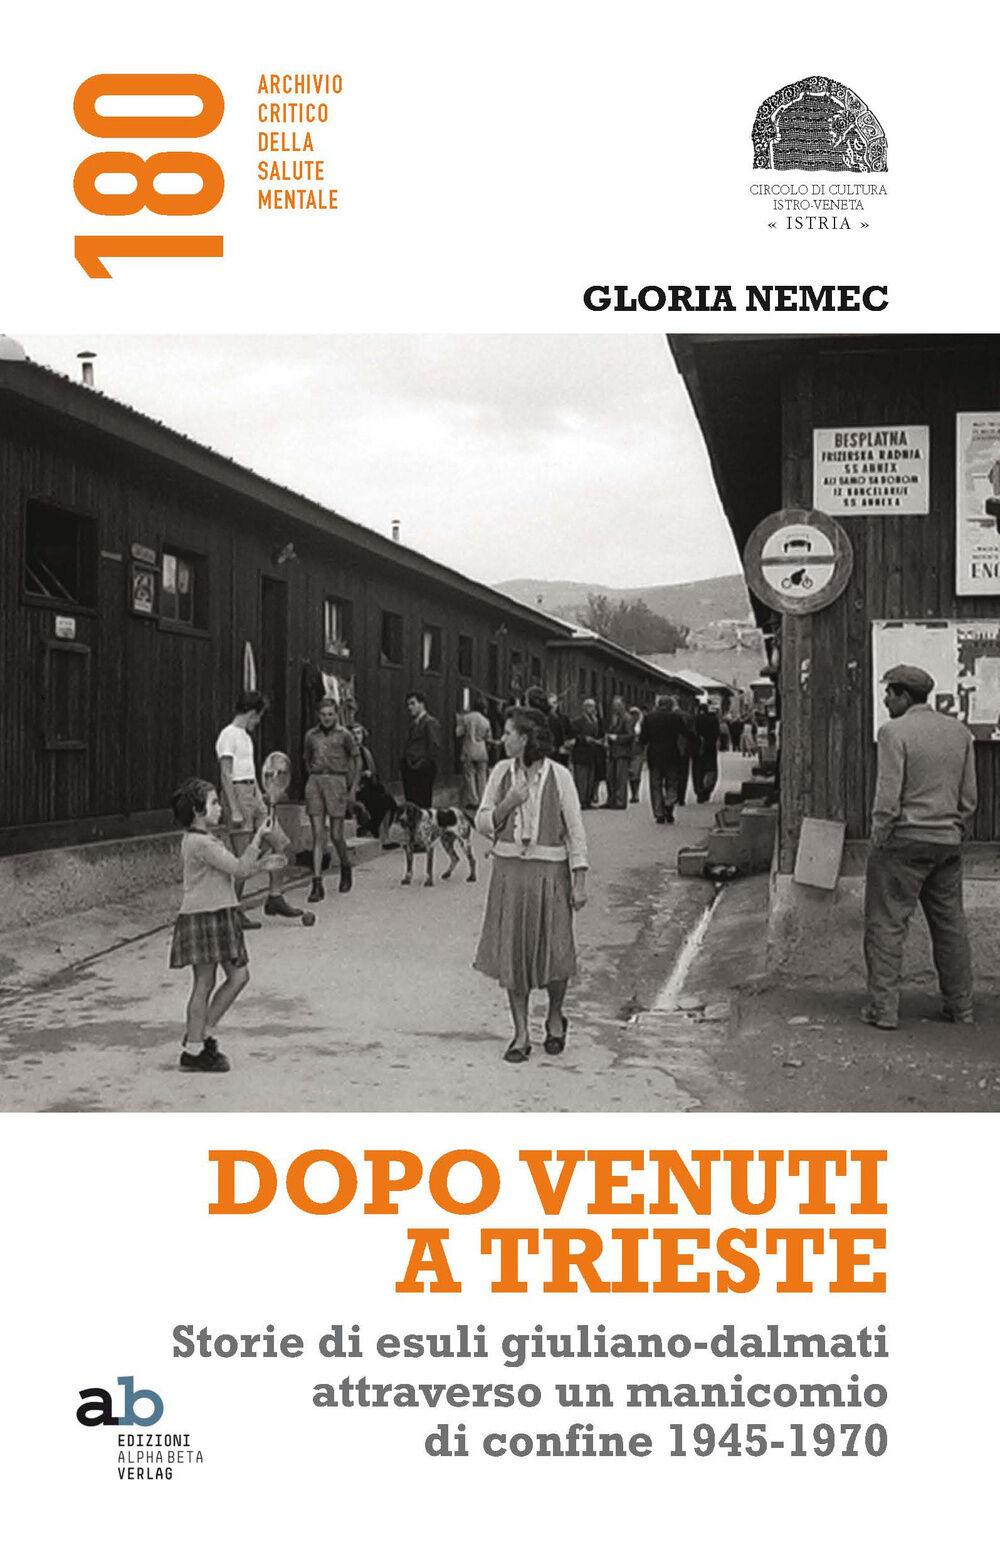 Dopo venuti a Trieste. Storie di esuli giuliano-dalmati attraverso un manicomio di confine 1945-1970